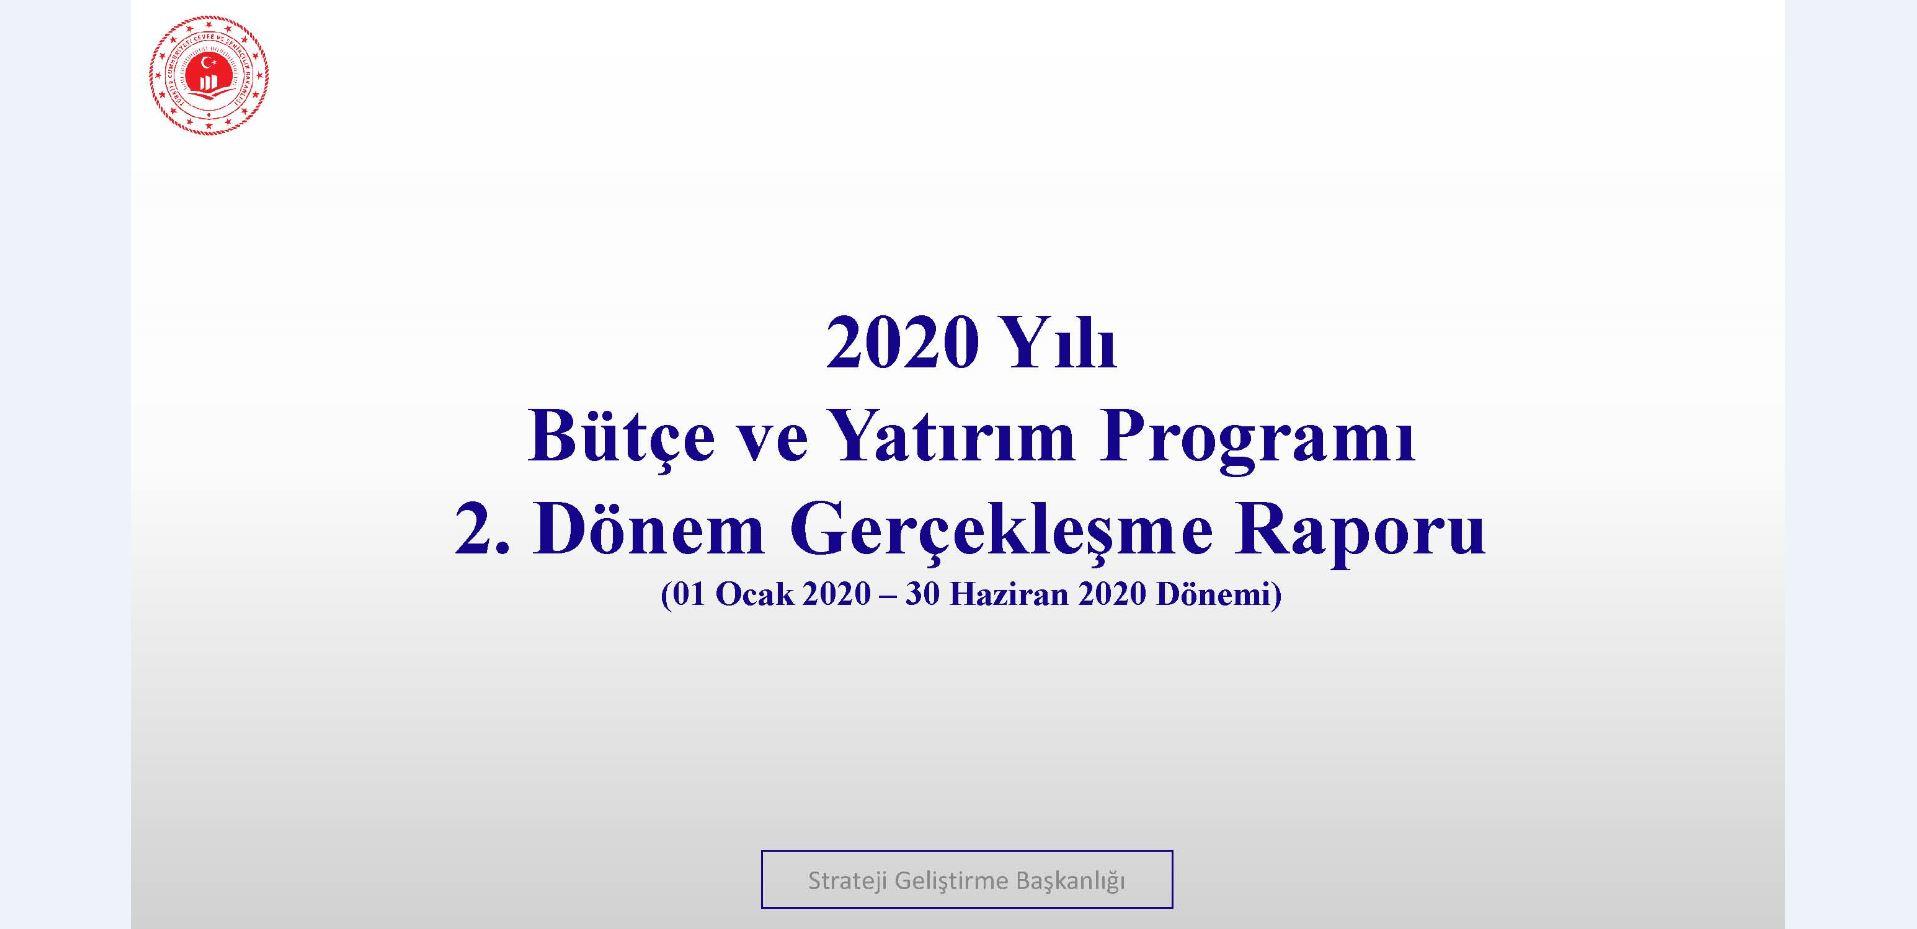 2. Üç Aylık Bütçe Gerçekleşme Raporu (2020)